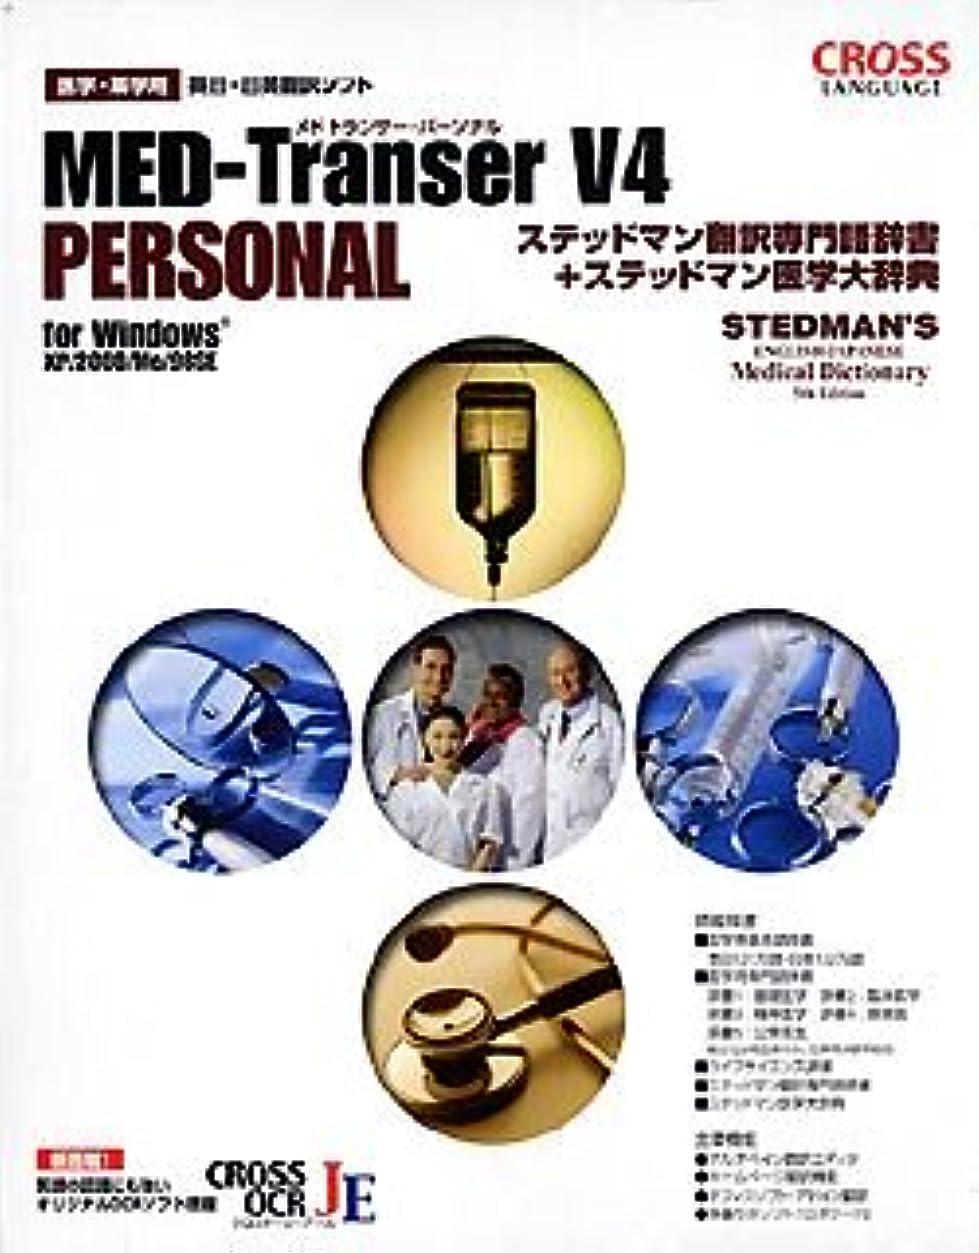 天の防衛気取らないMED-Transer V4 パーソナル for Windows ステッドマン翻訳専門語辞書 + ステッドマン医学大辞典